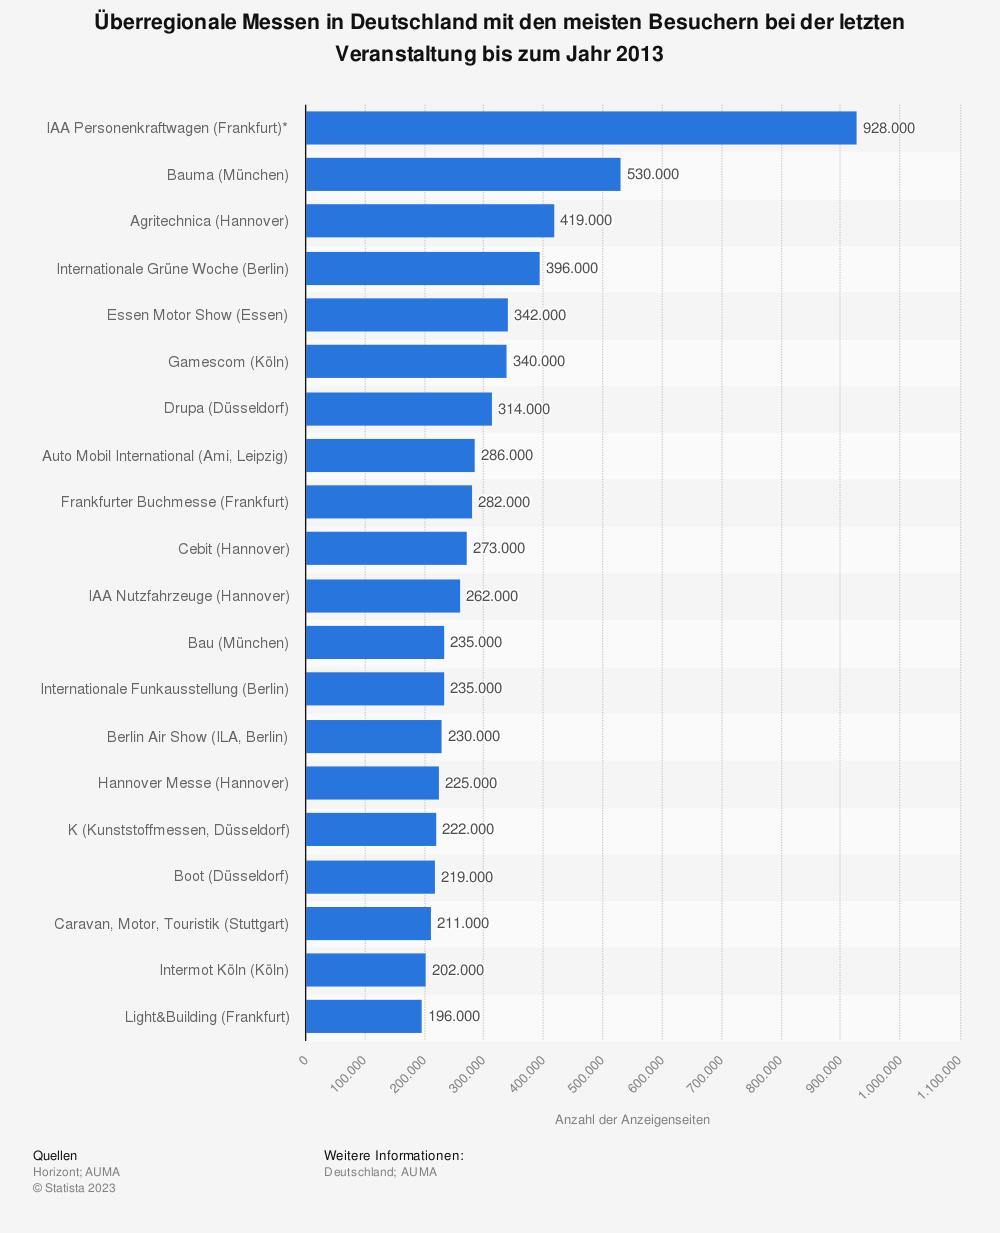 Statistik: Überregionale Messen in Deutschland mit den meisten Besuchern bei der letzten Veranstaltung bis zum Jahr 2013 | Statista